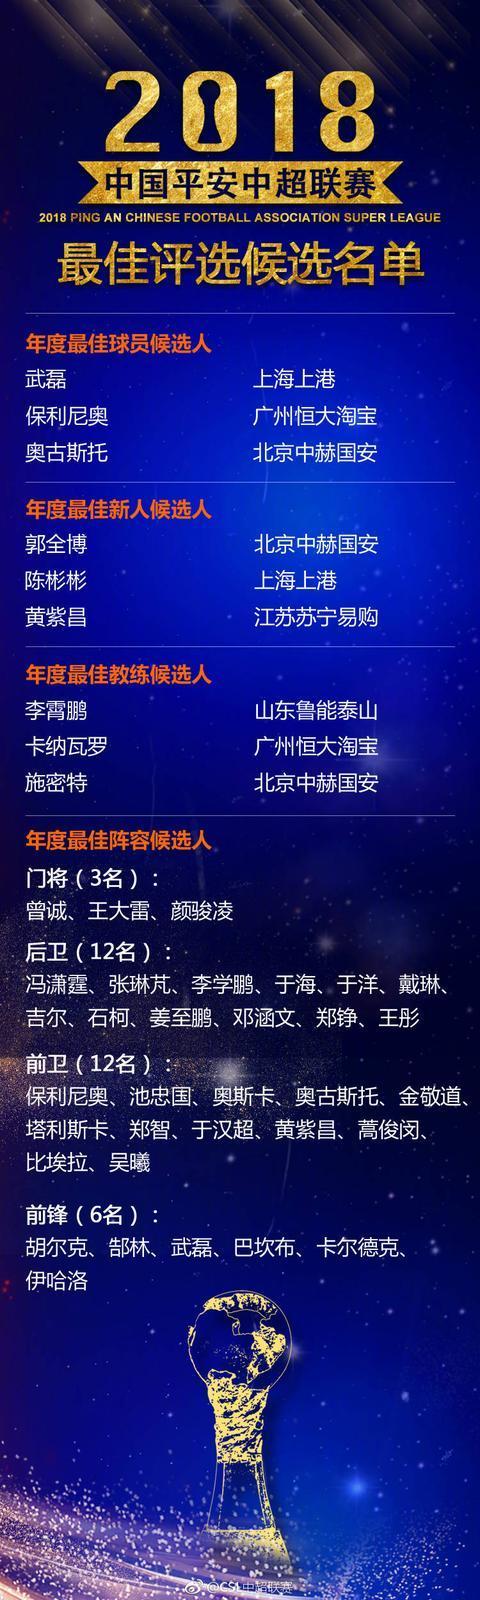 中超最佳评选候选名单公布,国安3人竞争个人奖项